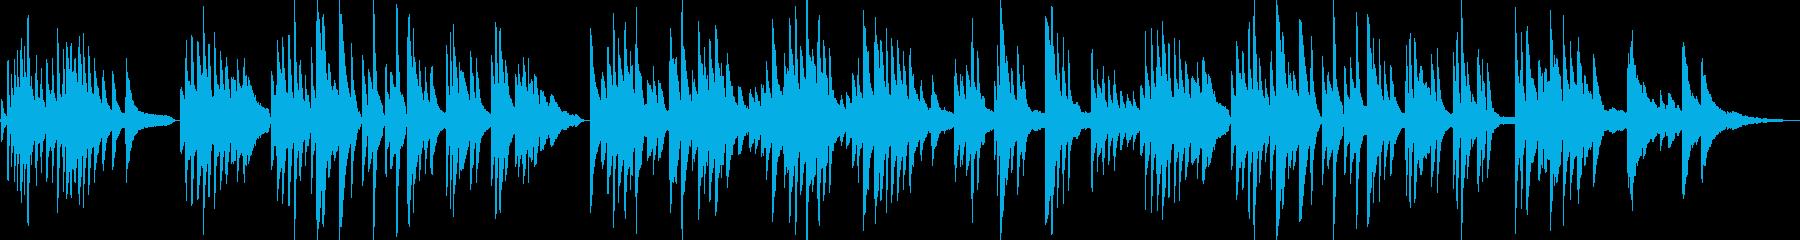 昼下がりのピアノバラードの再生済みの波形